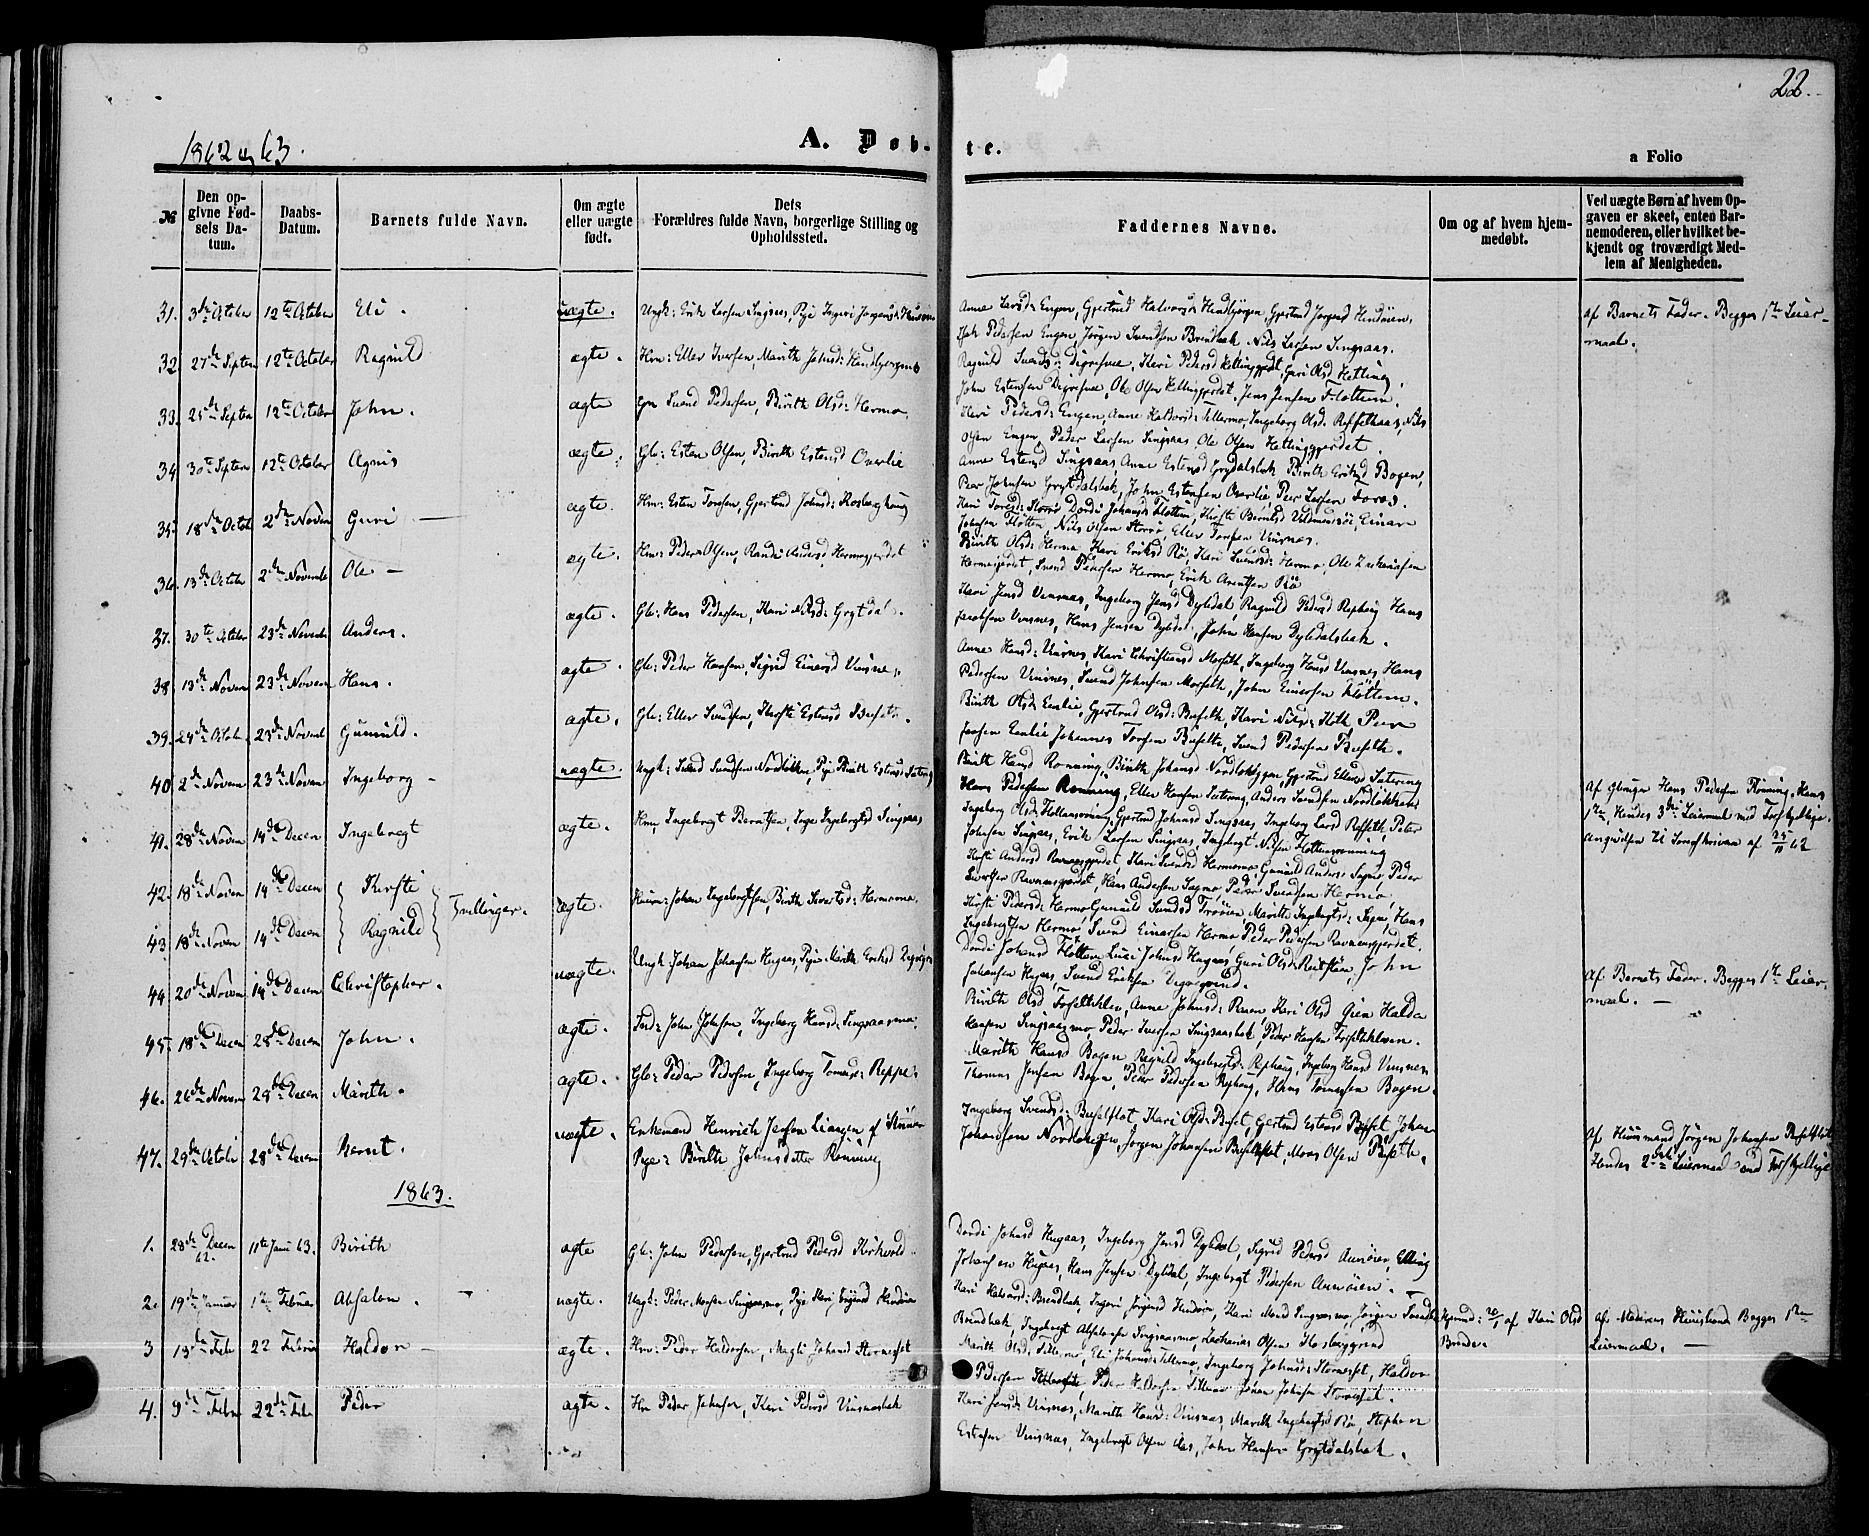 SAT, Ministerialprotokoller, klokkerbøker og fødselsregistre - Sør-Trøndelag, 685/L0967: Ministerialbok nr. 685A07 /2, 1860-1869, s. 22